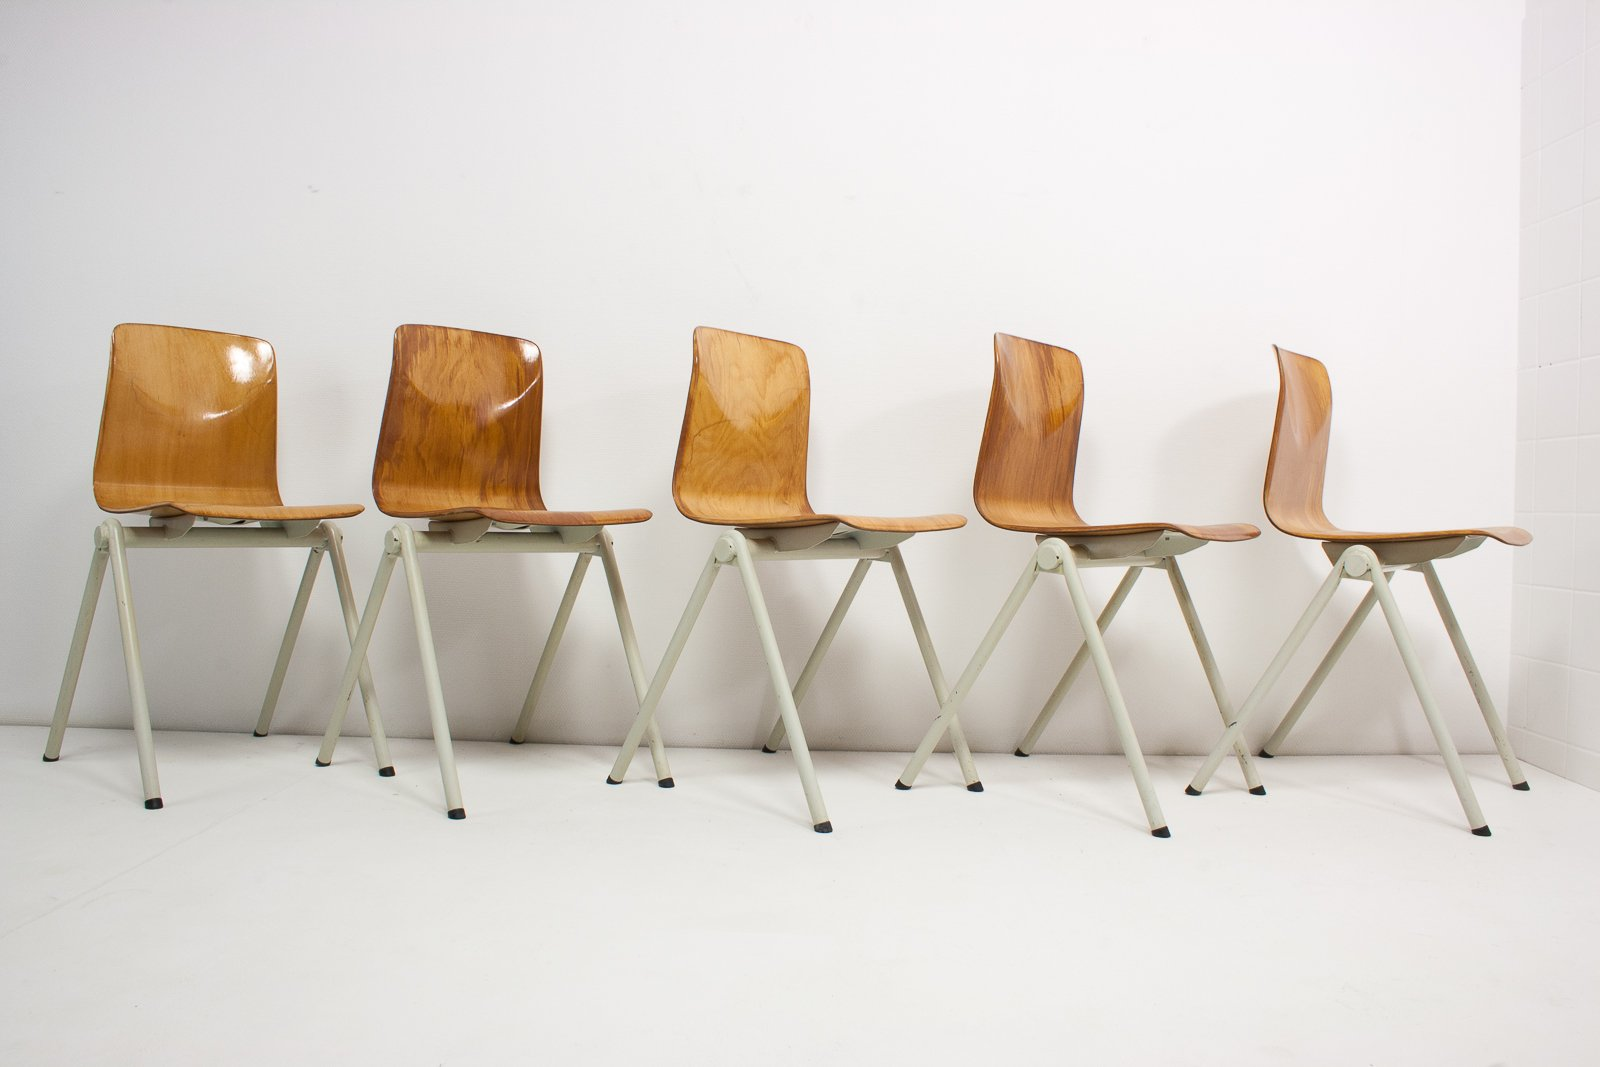 Chaises Industrielles Vintage Set De 5